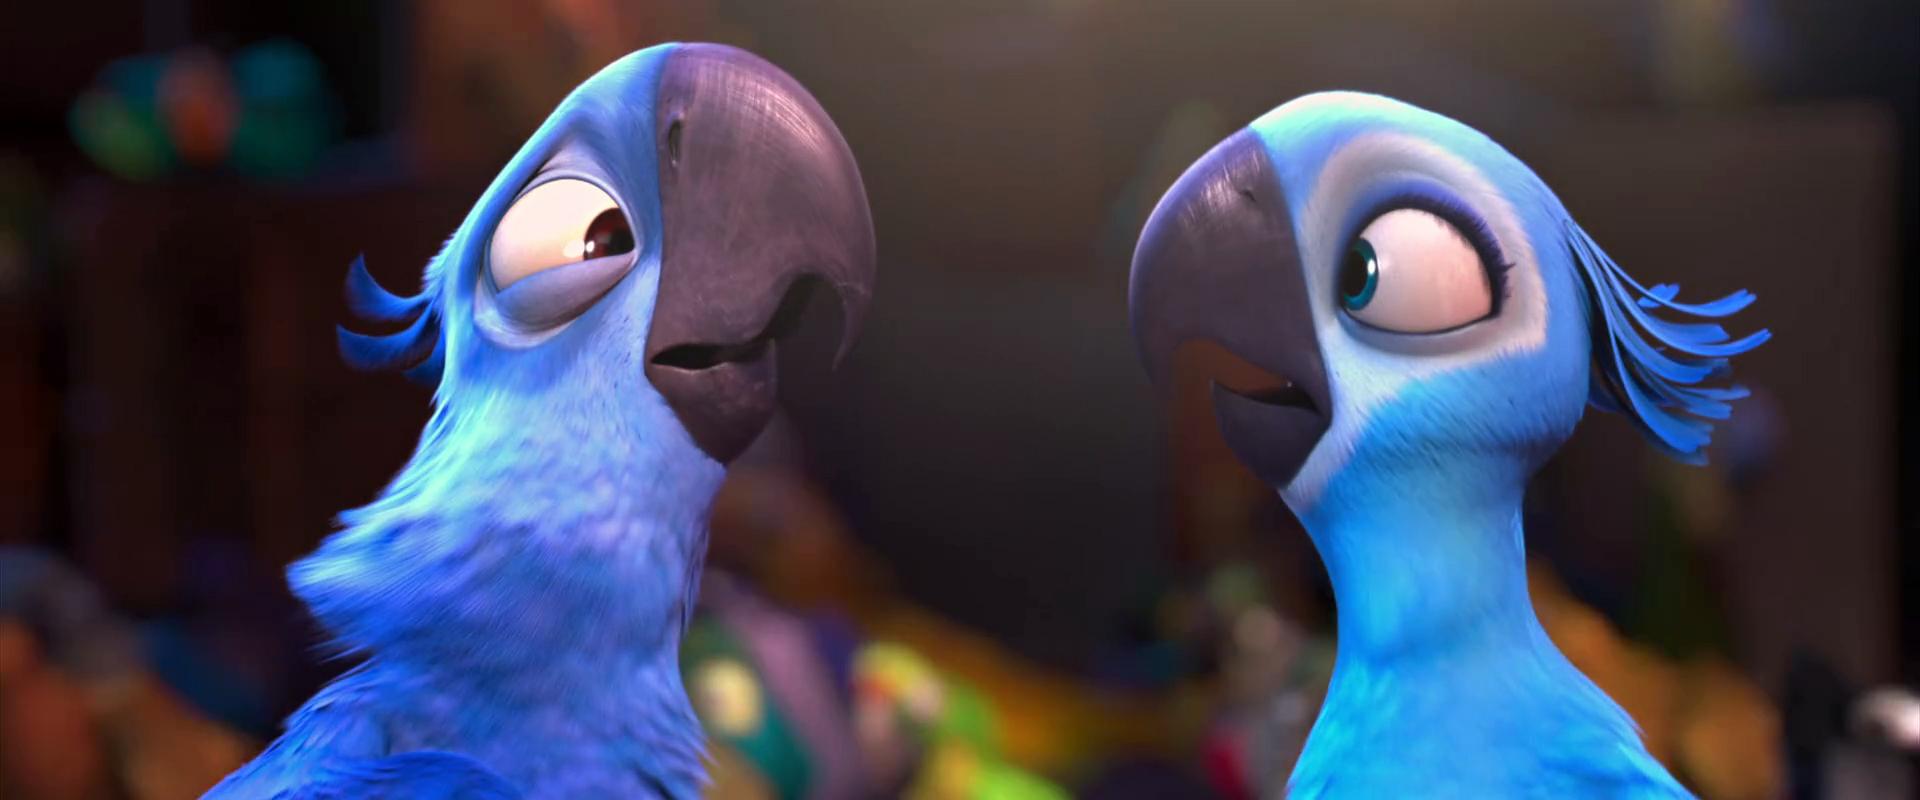 El guacamayo azul que inspiró la película «Río» está oficialmente extinto en la naturaleza